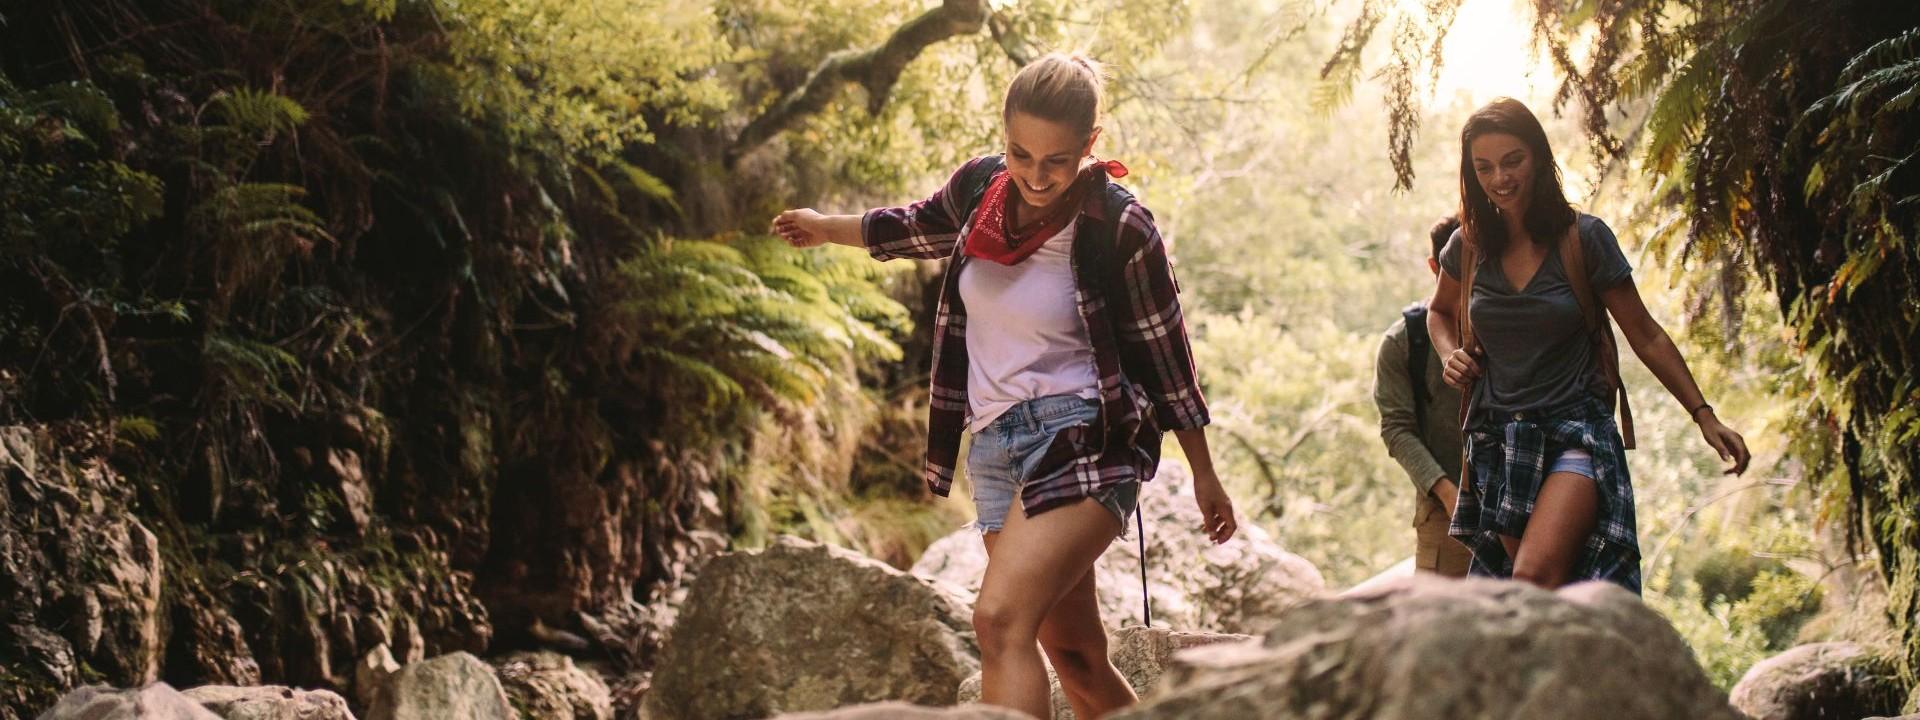 Drei etwa 25 jährige Personen wandern durch ein ausgetrocknetes steiniges Flussbett in der Natur.